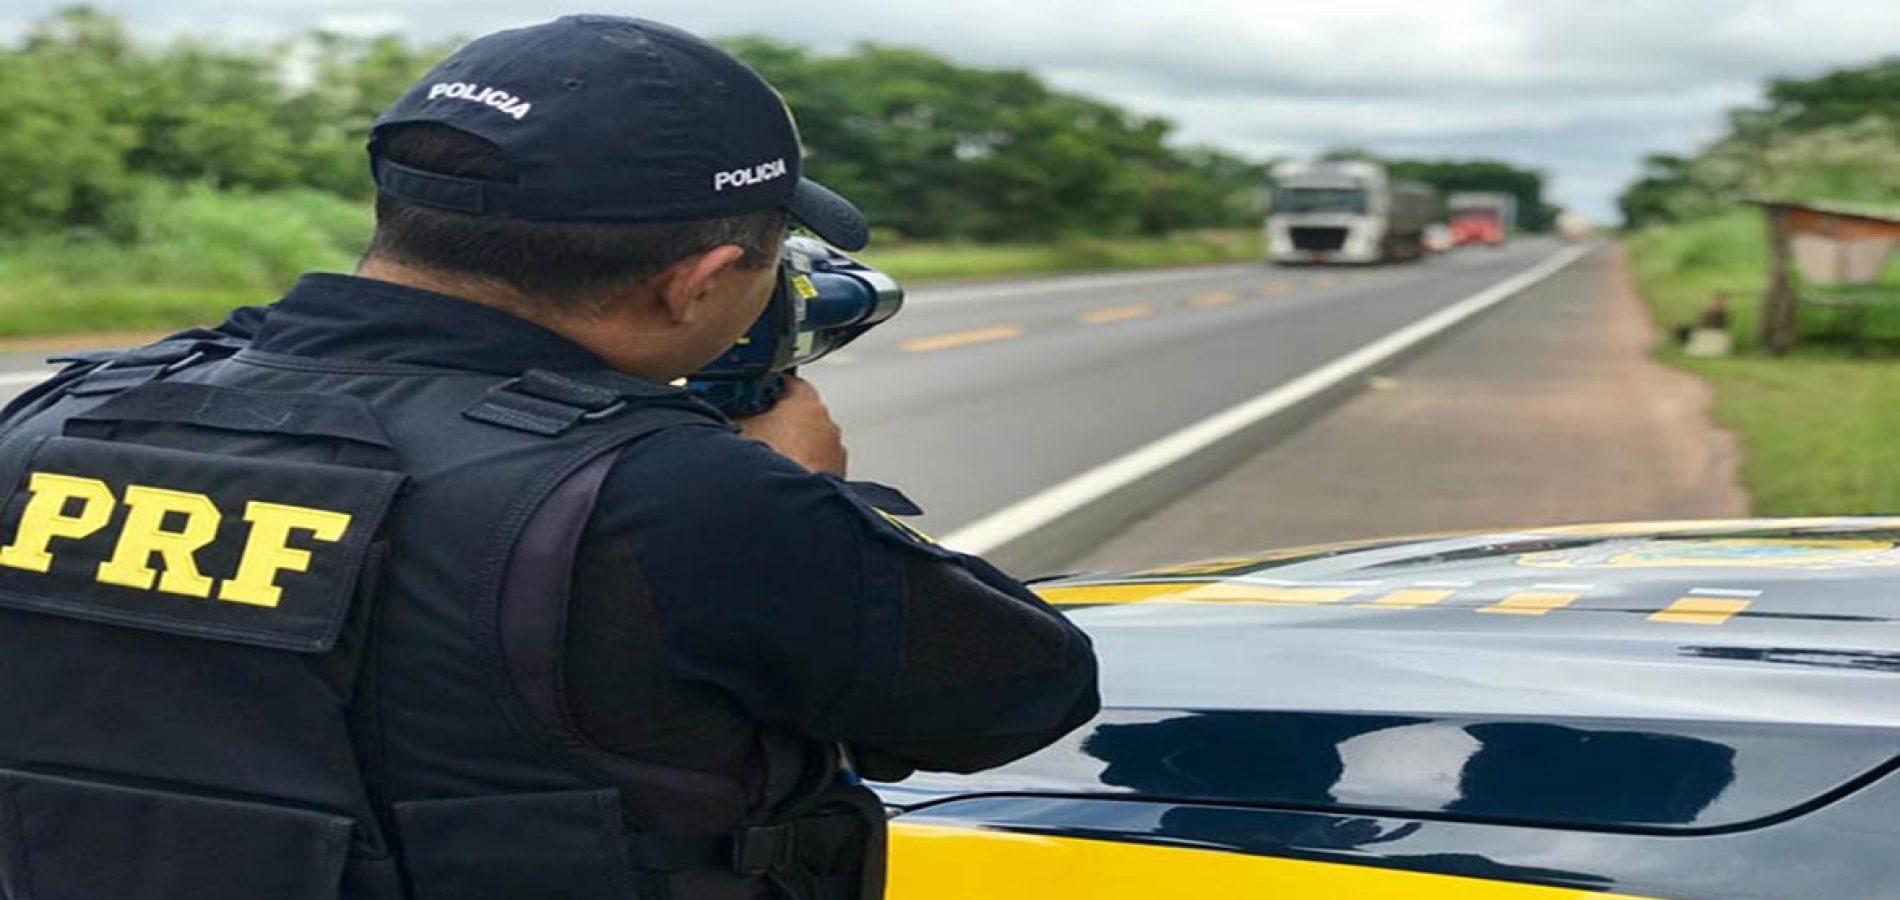 PRF flagra mais de 400 veículos em alta velocidade no 1º dia de Operação